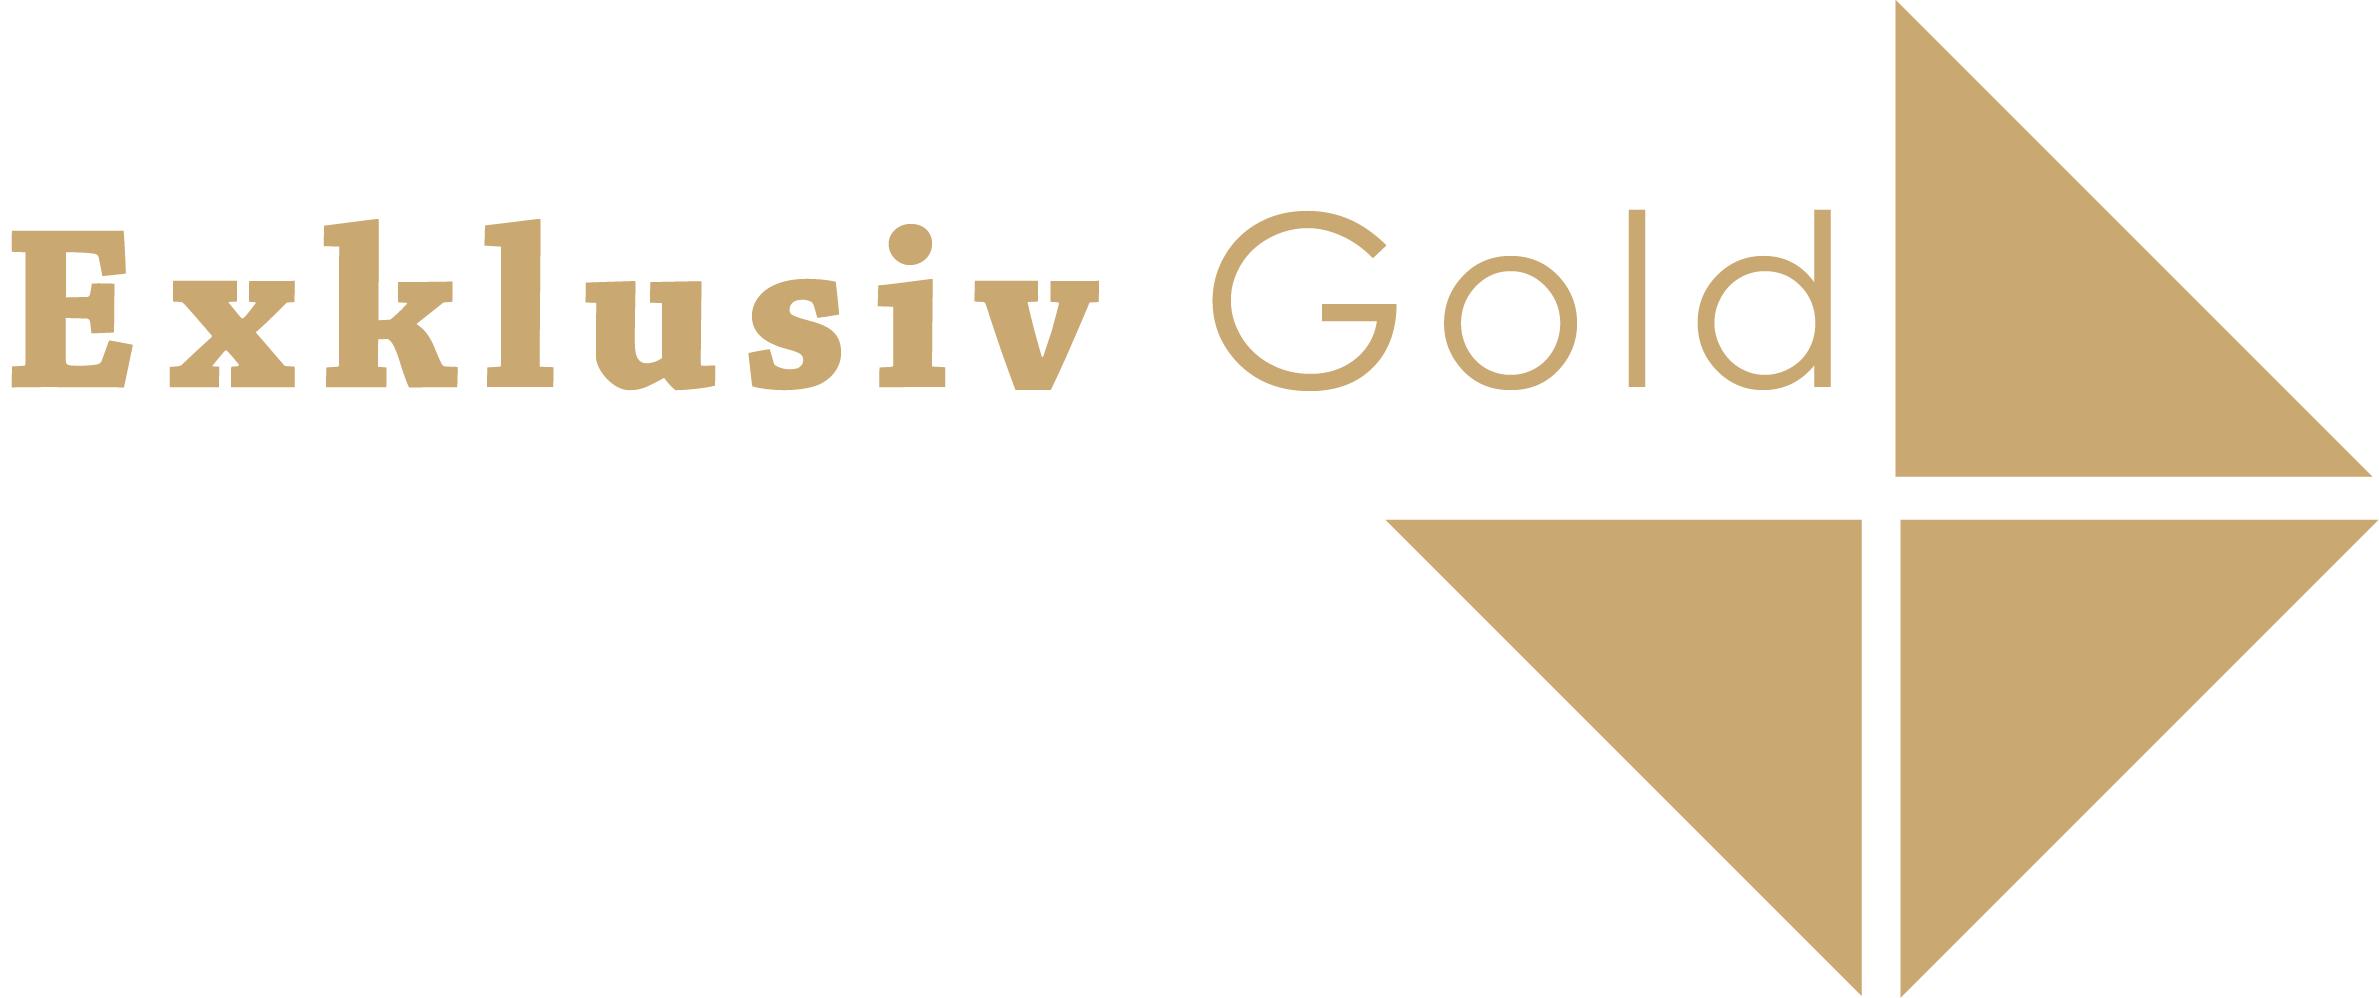 Exklusiv Gold by Ahlden Edelmetalle GmbH